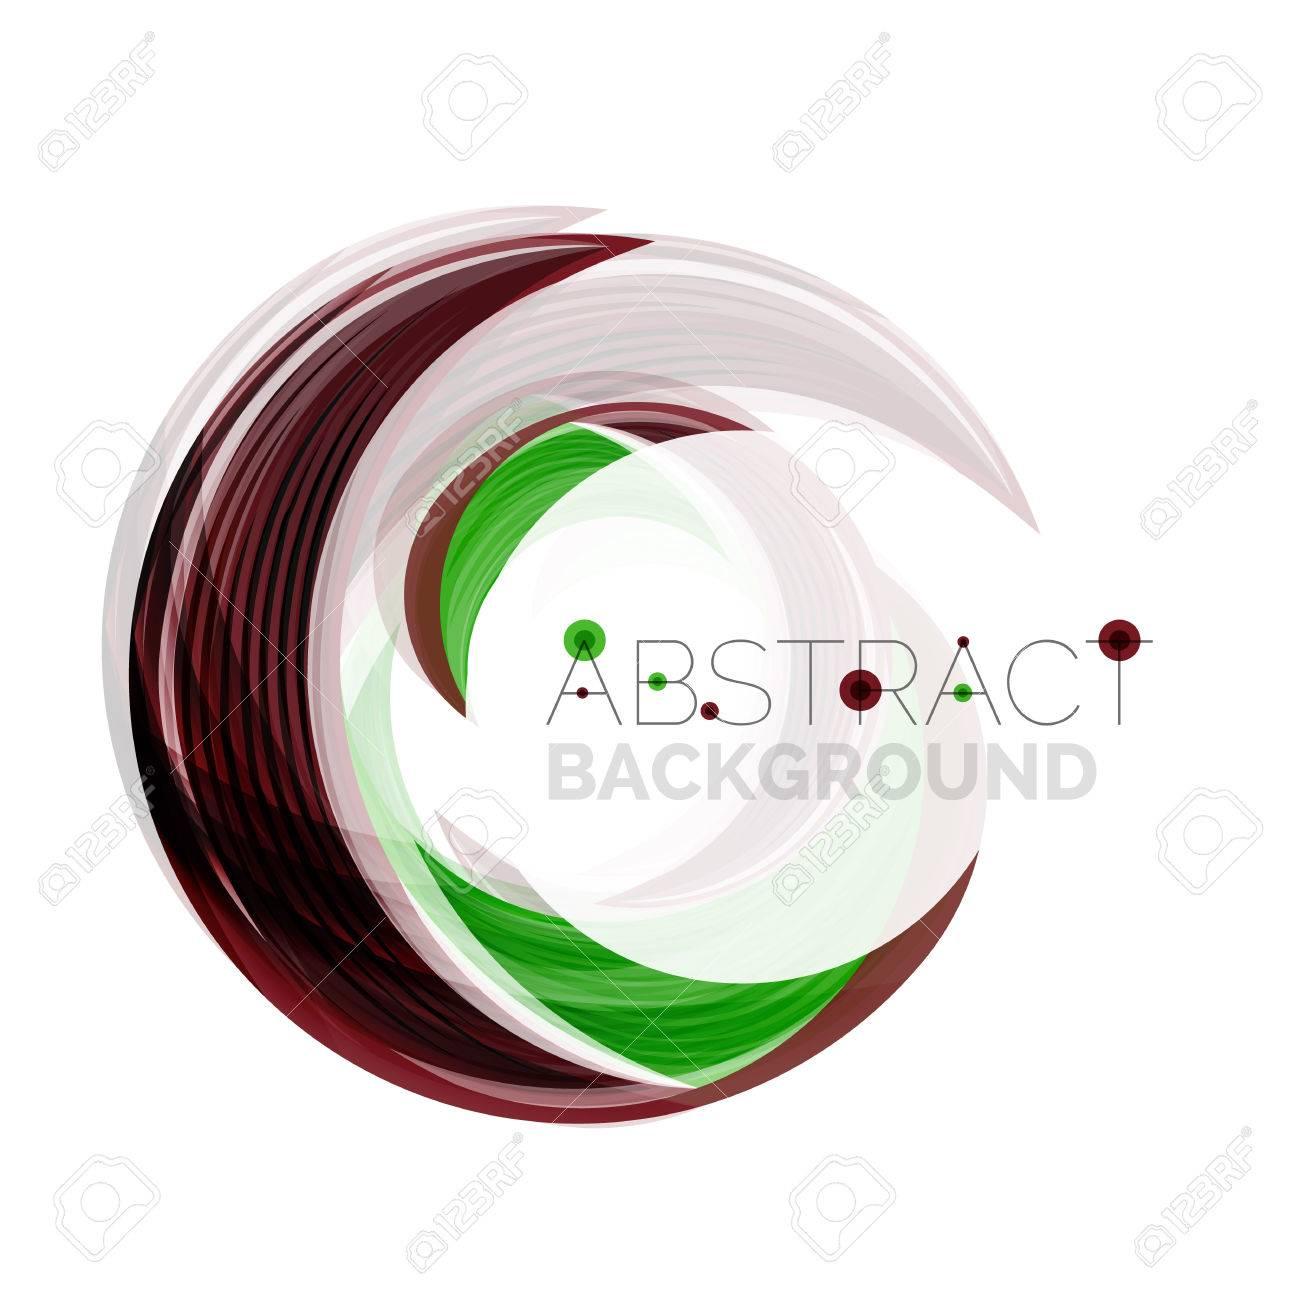 ベクトル緑渦巻線の抽象的な背景。あなたのメッセージ、スローガン ...